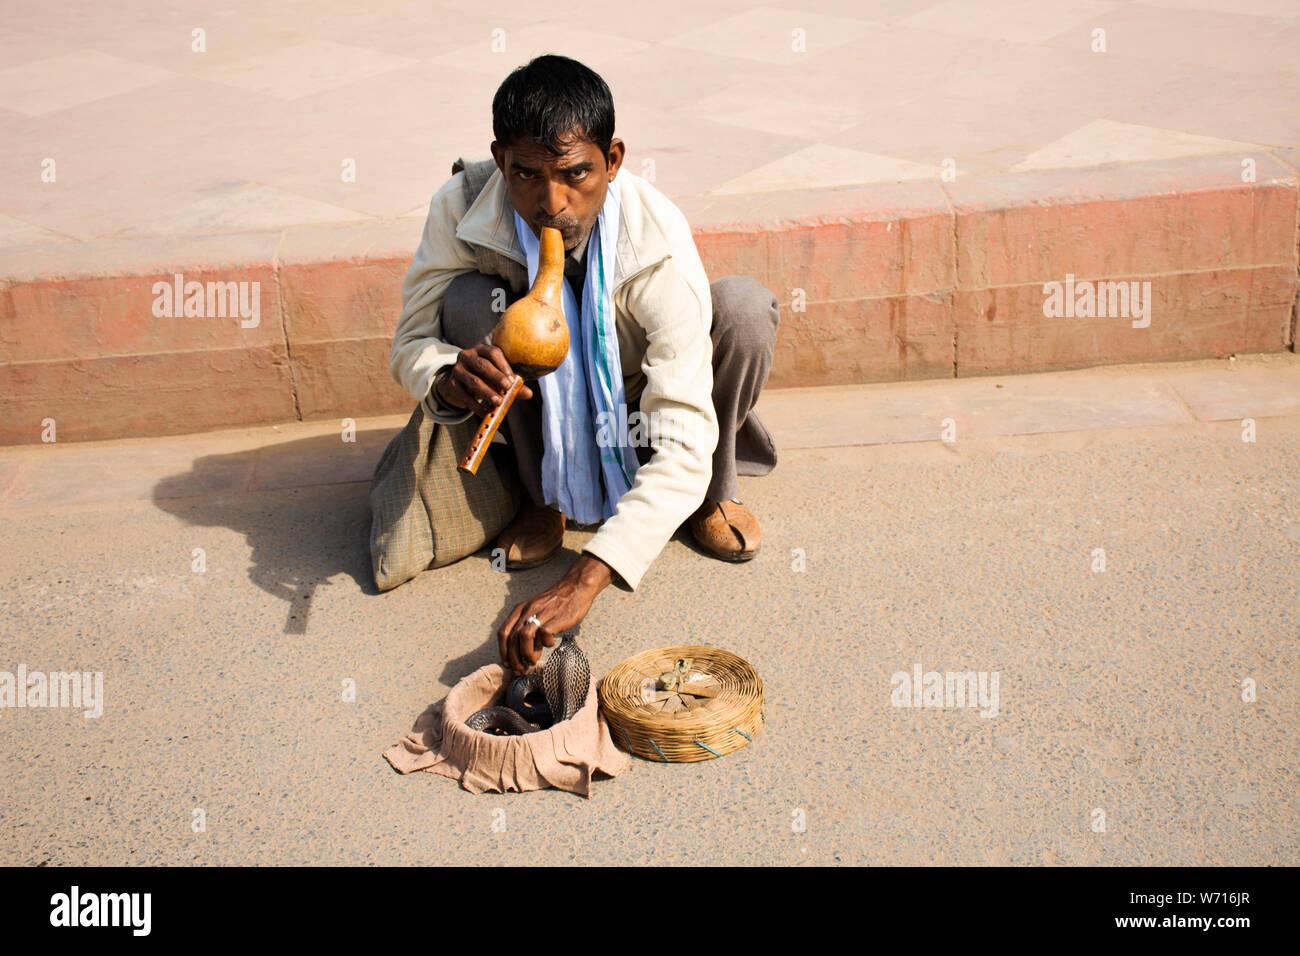 Domador de serpientes indio jugar y encantadores de serpientes cobra mostrar en las calles para el pueblo indio y los viajeros extranjeros en la puerta de la India en Nueva Delhi, el 17 de marzo de 2019 Foto de stock